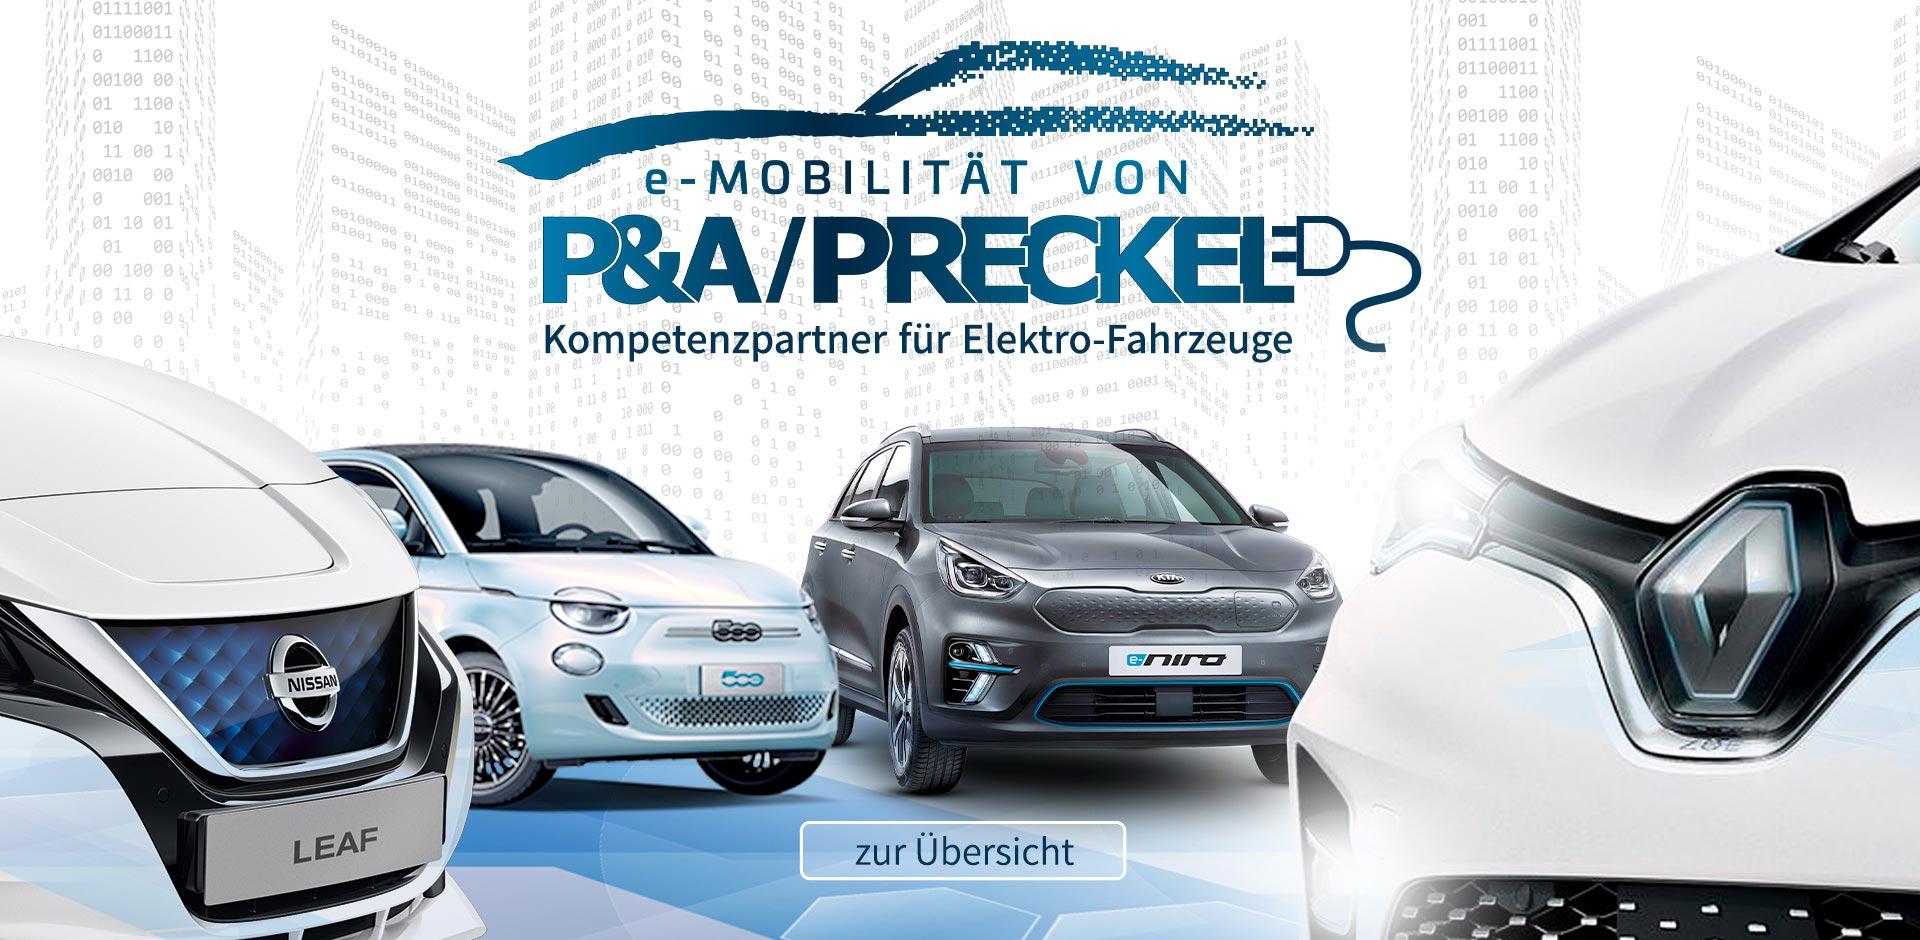 Autozentrum P&A / Preckel ist Ihr kompetenter Partner für Elektro-Fahrzeuge